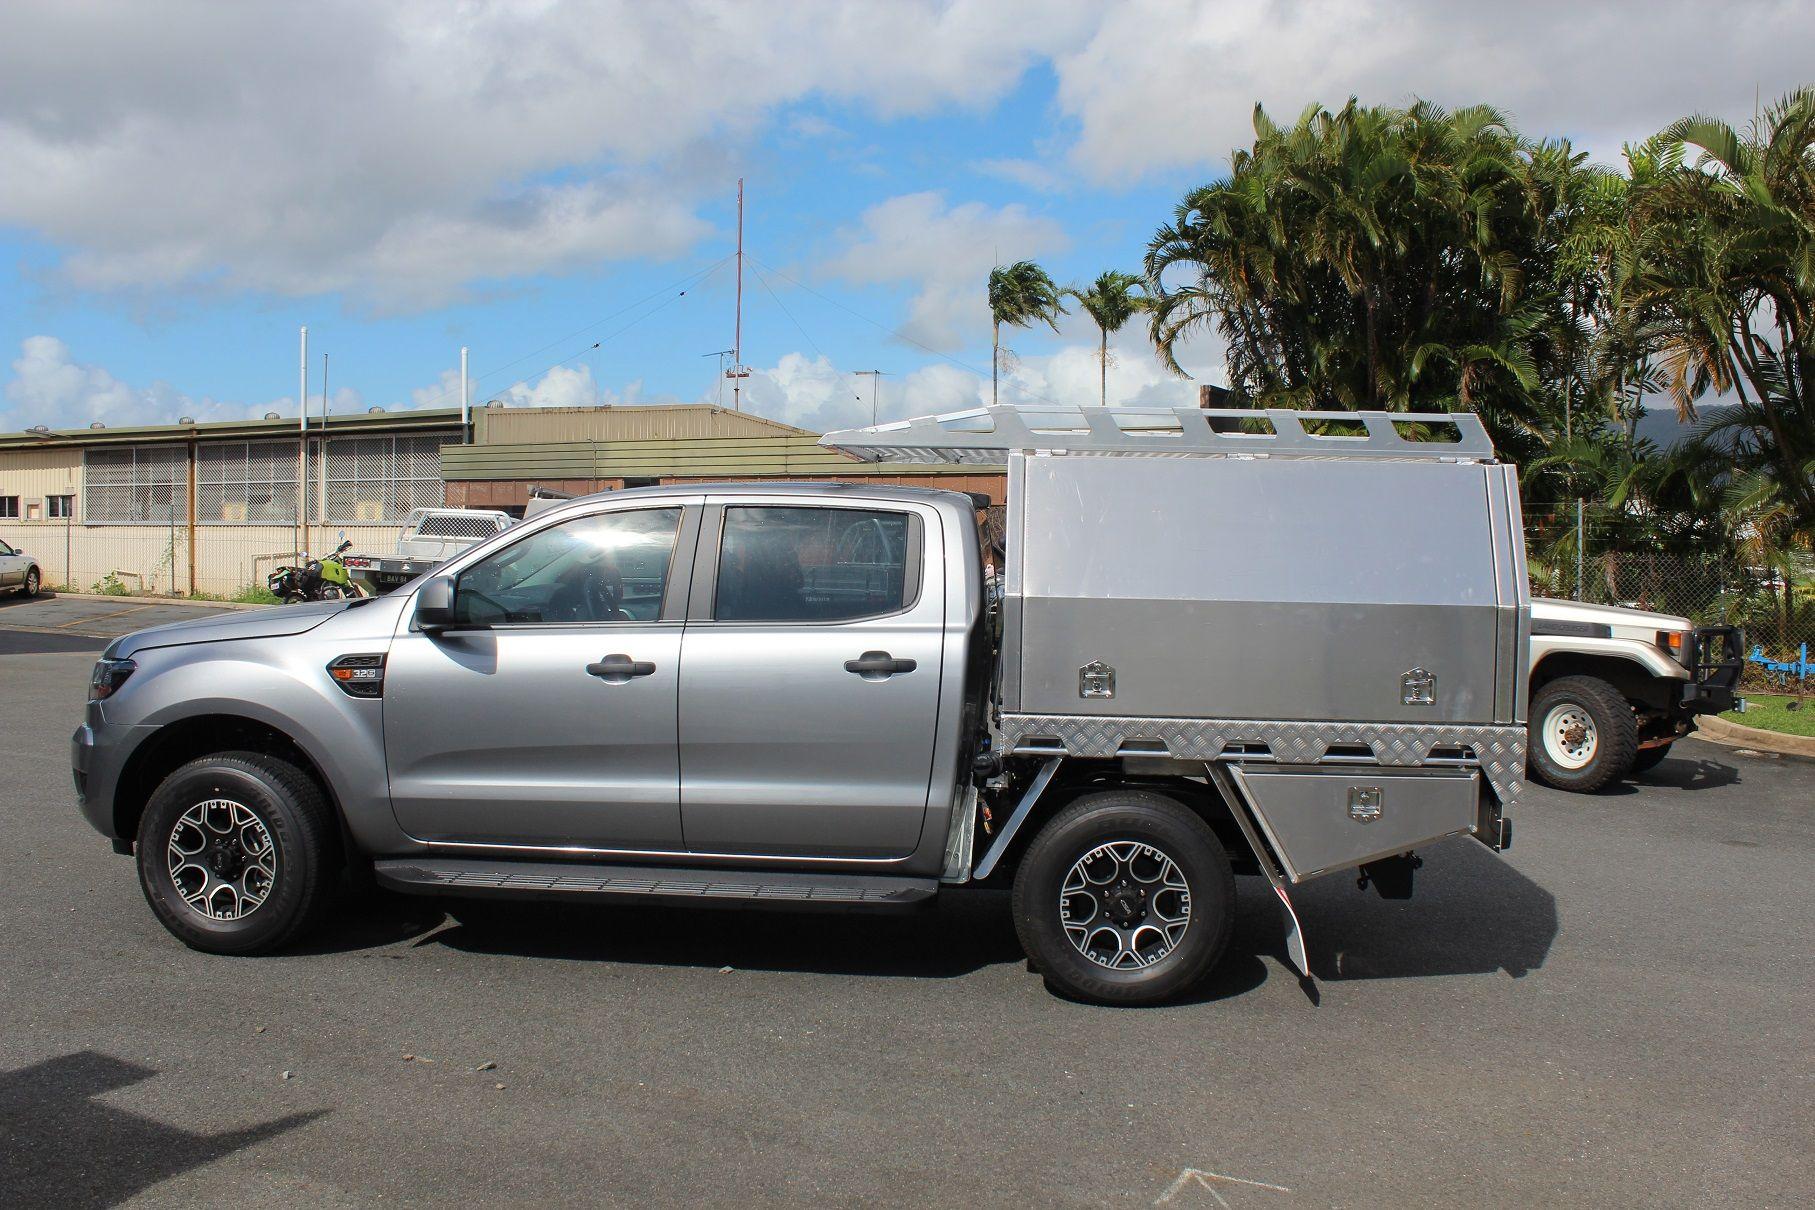 Ford Ranger Aluminium Canopy Ute Canopy Slide In Camper Cairns Australia